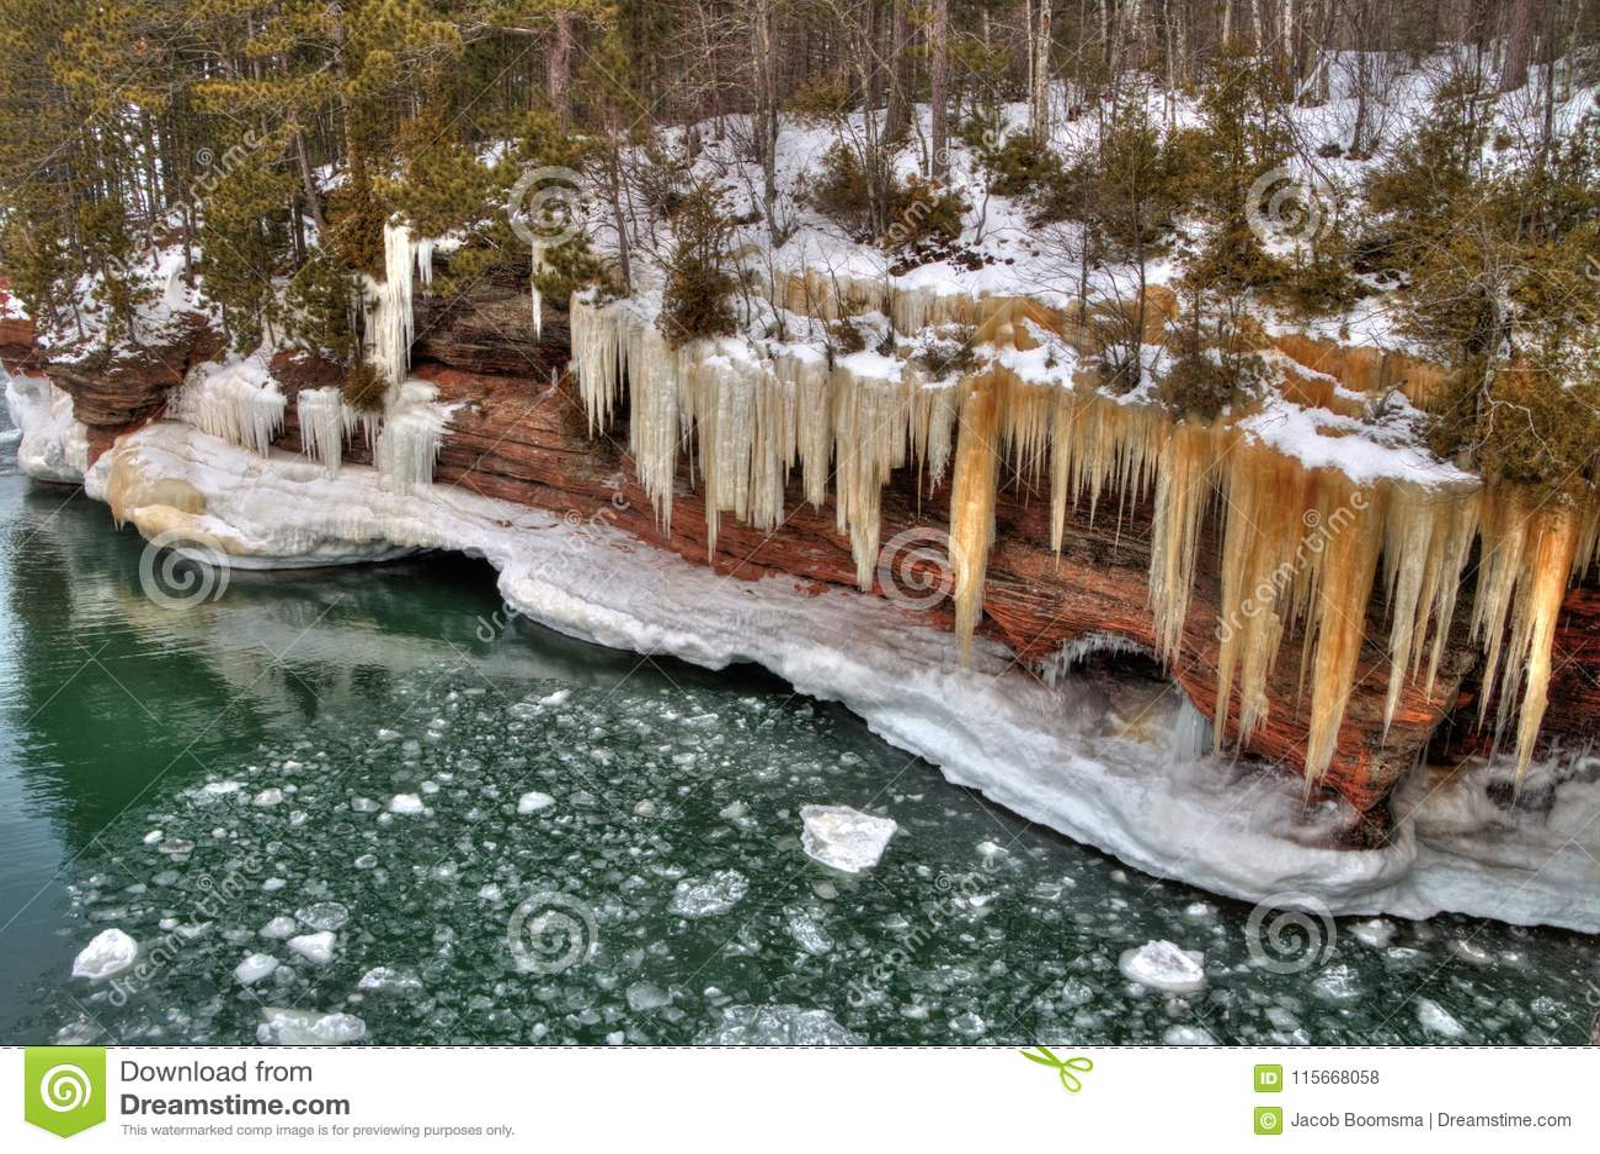 Das Apostel-Islands nationale See-Ufer sind ein populärer touristischer Bestimmungsort auf Oberem See in Wisconsin